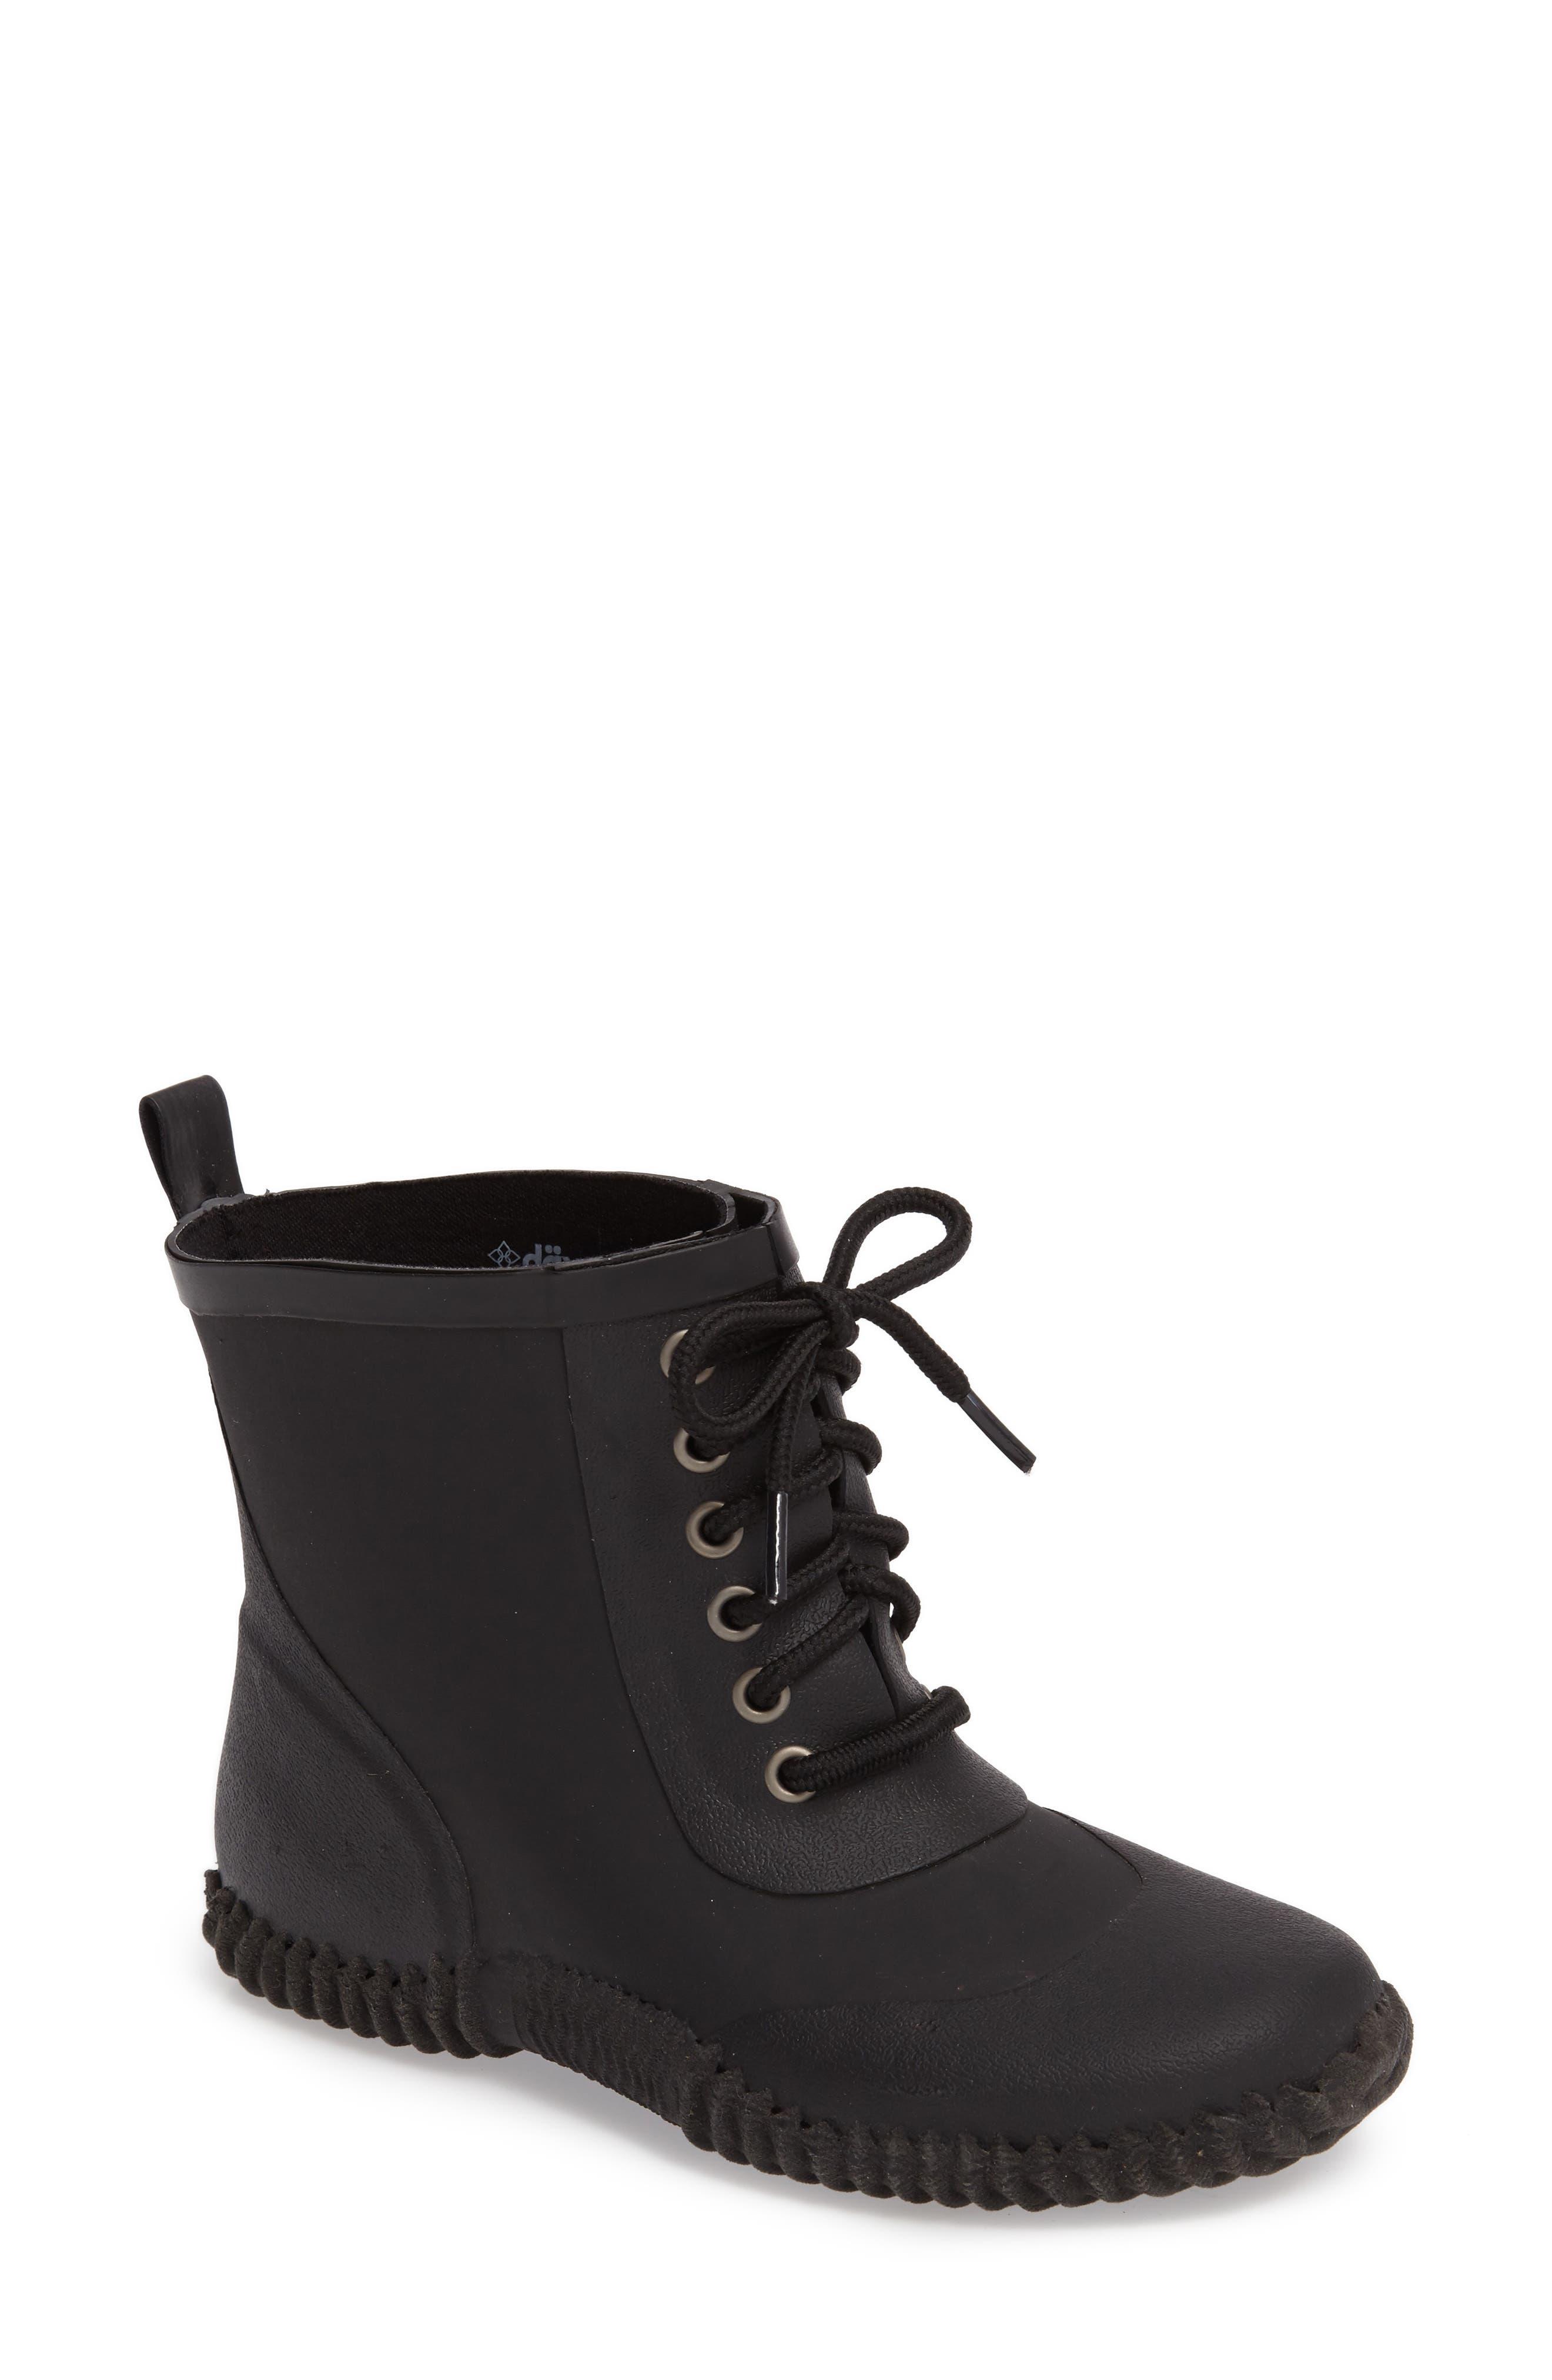 Dav Telluride Waterproof Rain Boot